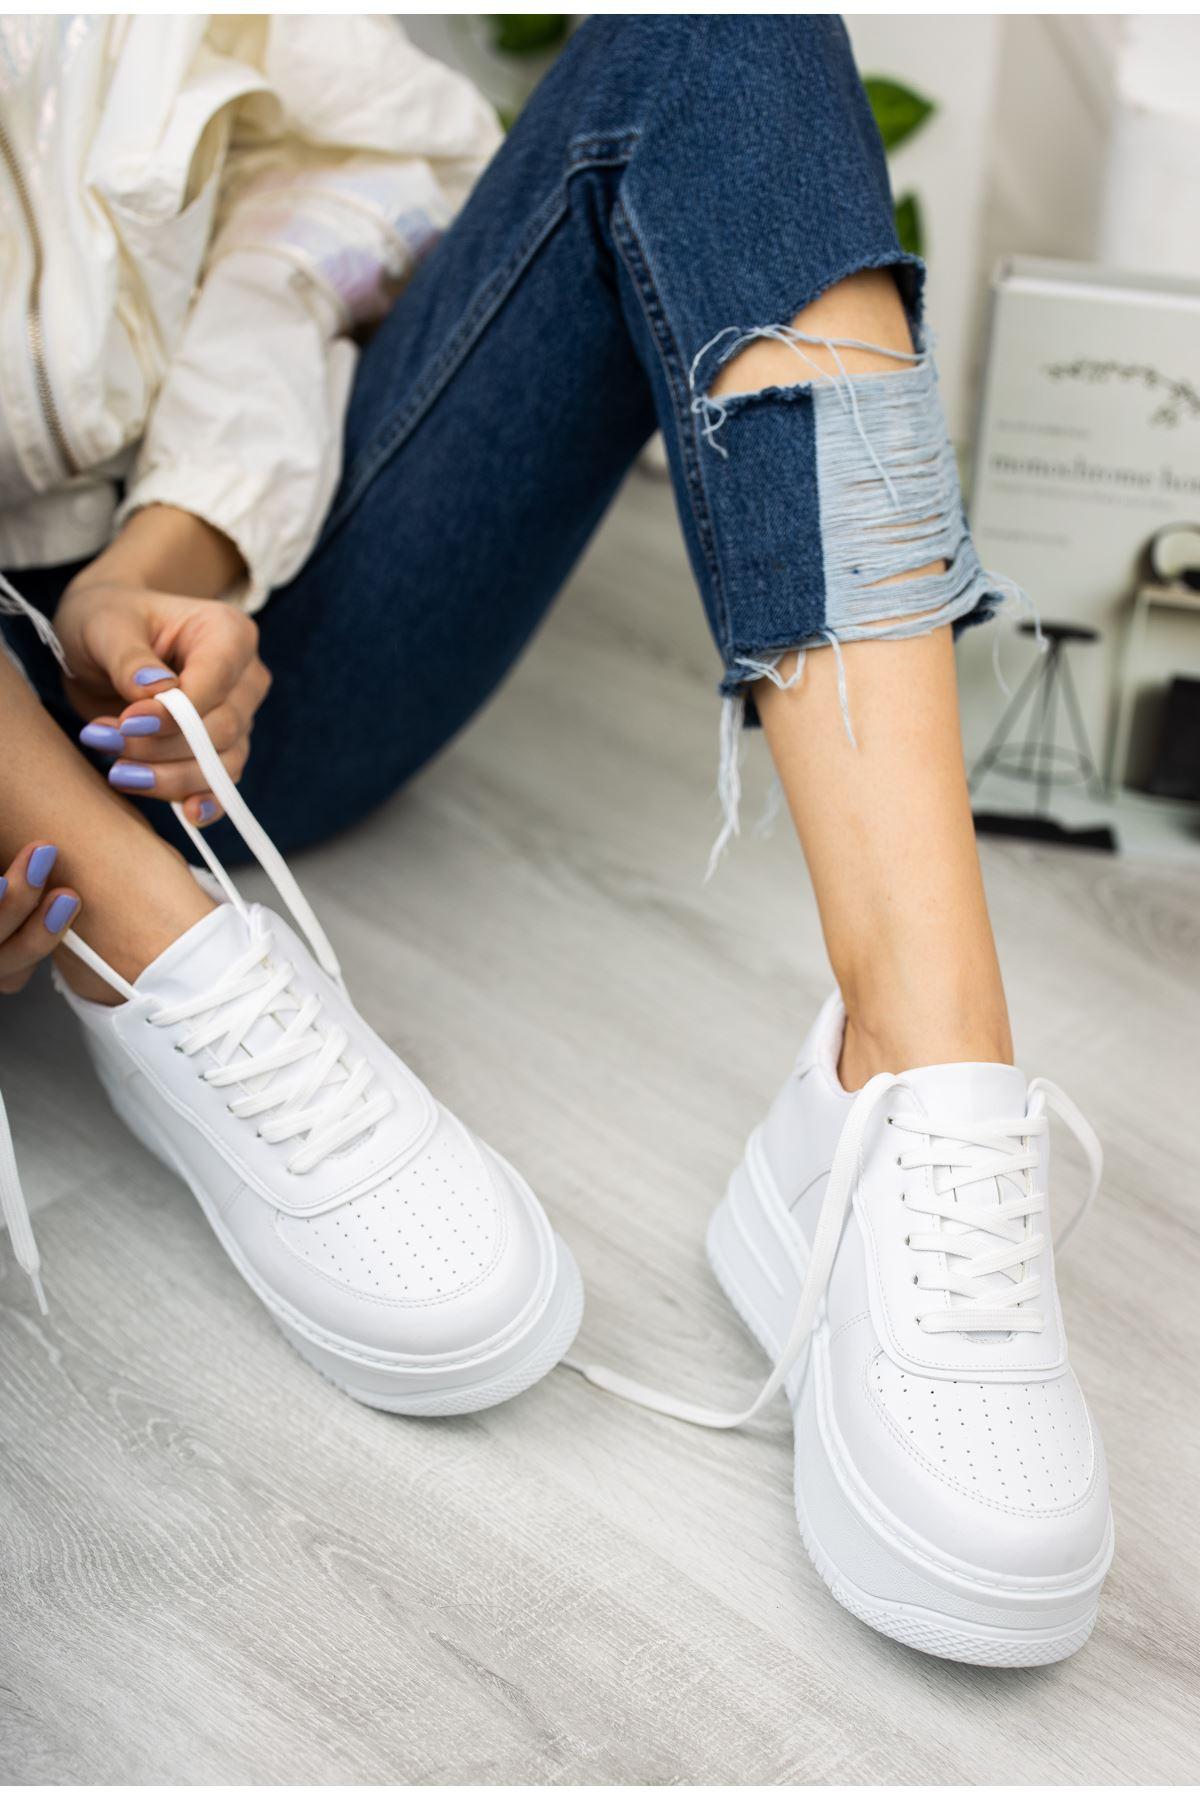 Kadın Rascon Kalın Taban Bağcıklı Beyaz Spor Ayakkabı